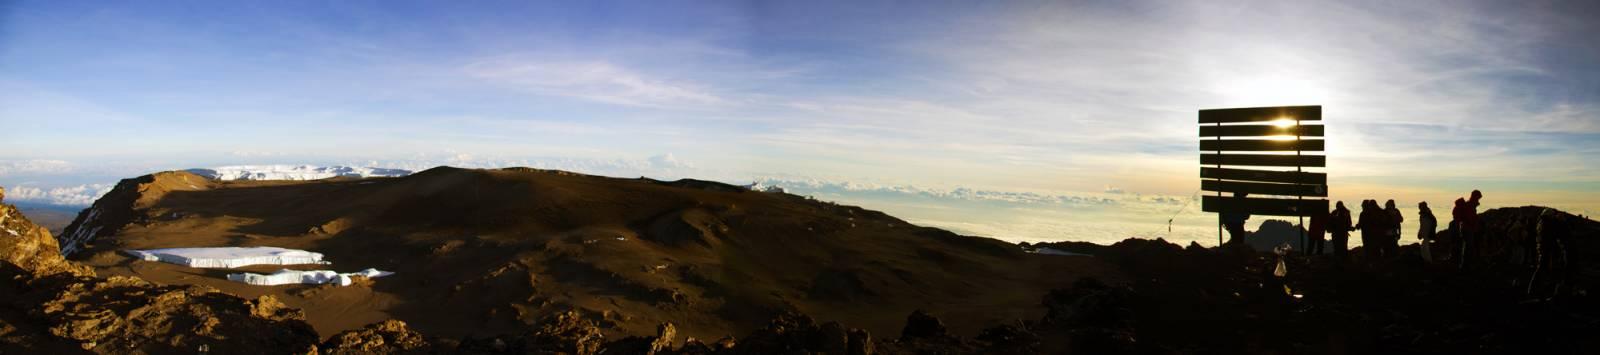 Gipfelpanorama mit Furtwängler Gletscher am 20.10.2012